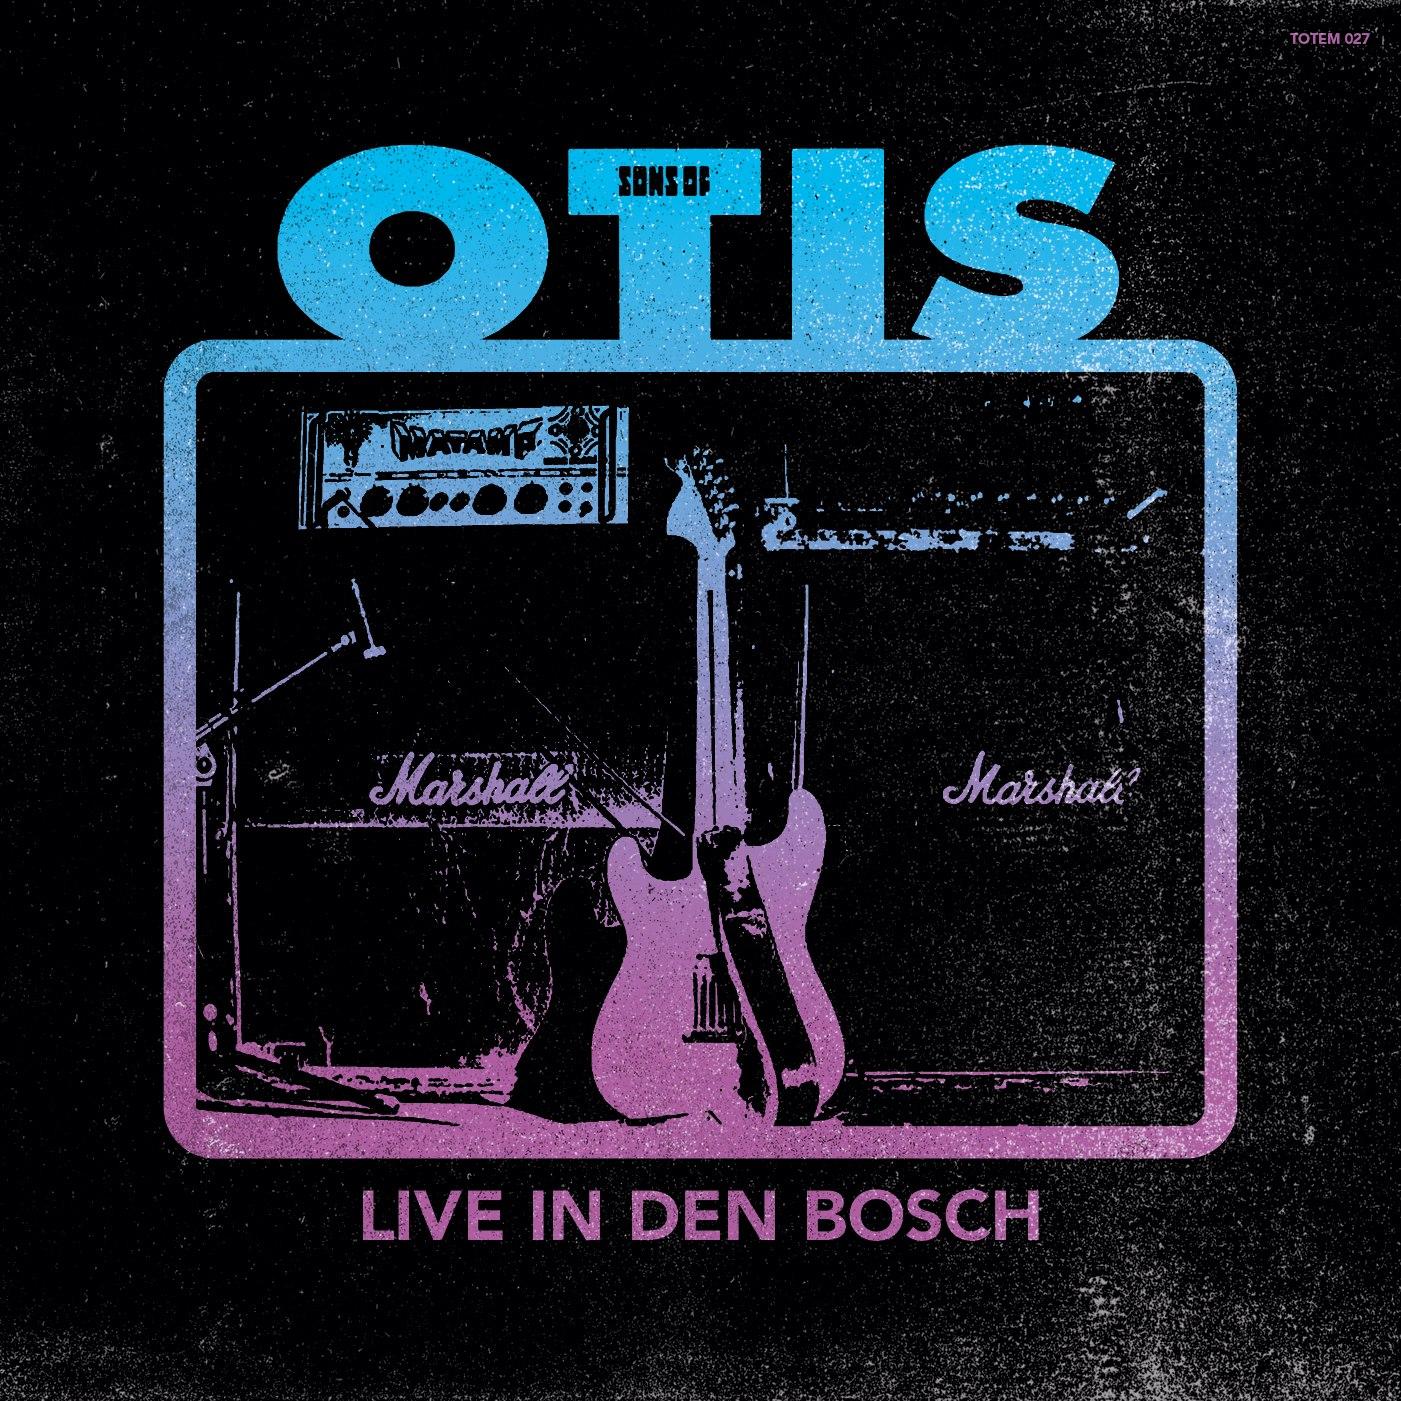 sons of otis live in den bosch